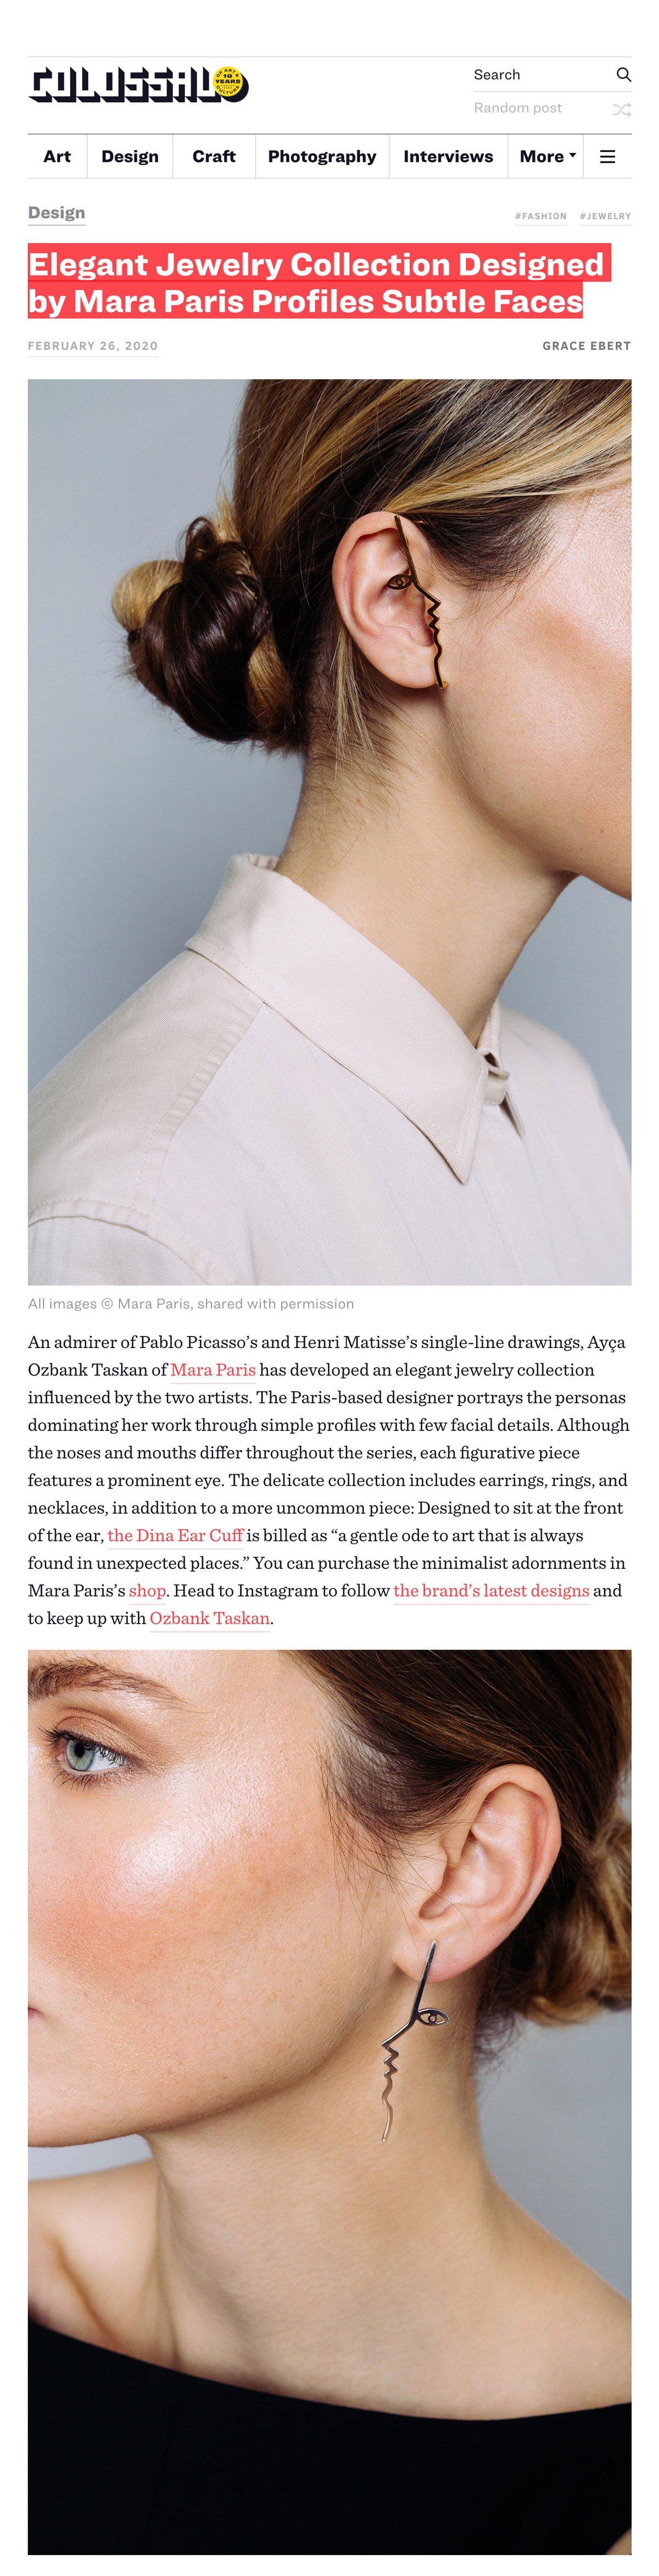 Colossal - Elegant Jewelry Collection Designed by Mara Paris Profiles Subtle Faces par Grace Ebert